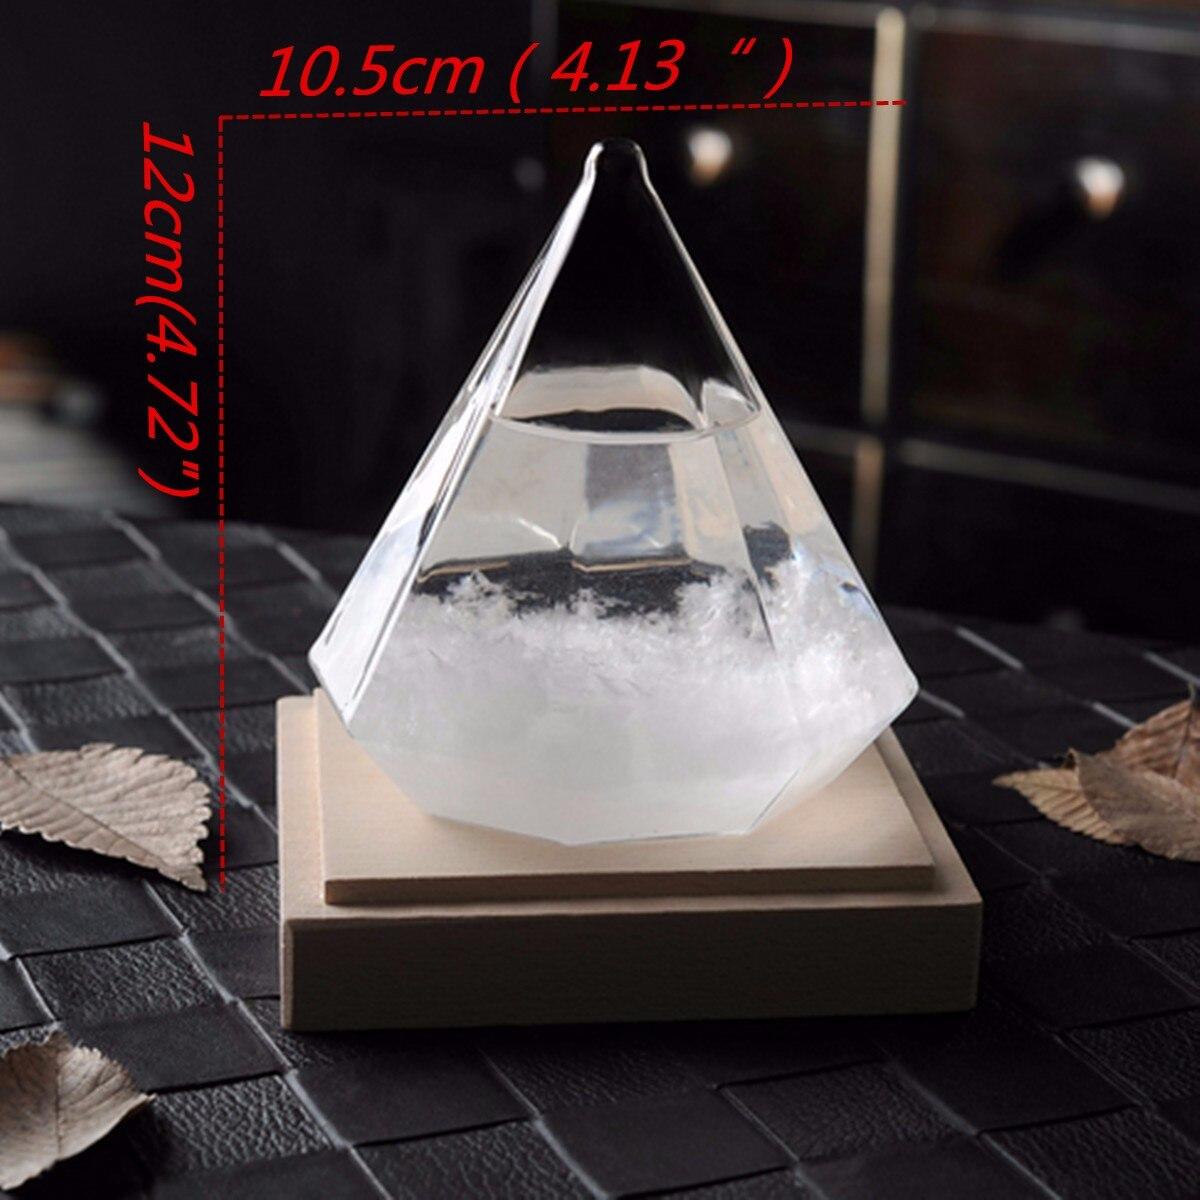 Прозрачные ледяные алмазные бури стекло, снежинка, погода, штормы, предсказатель, монитор, бутылка, барометр, домашний декор, фигурки